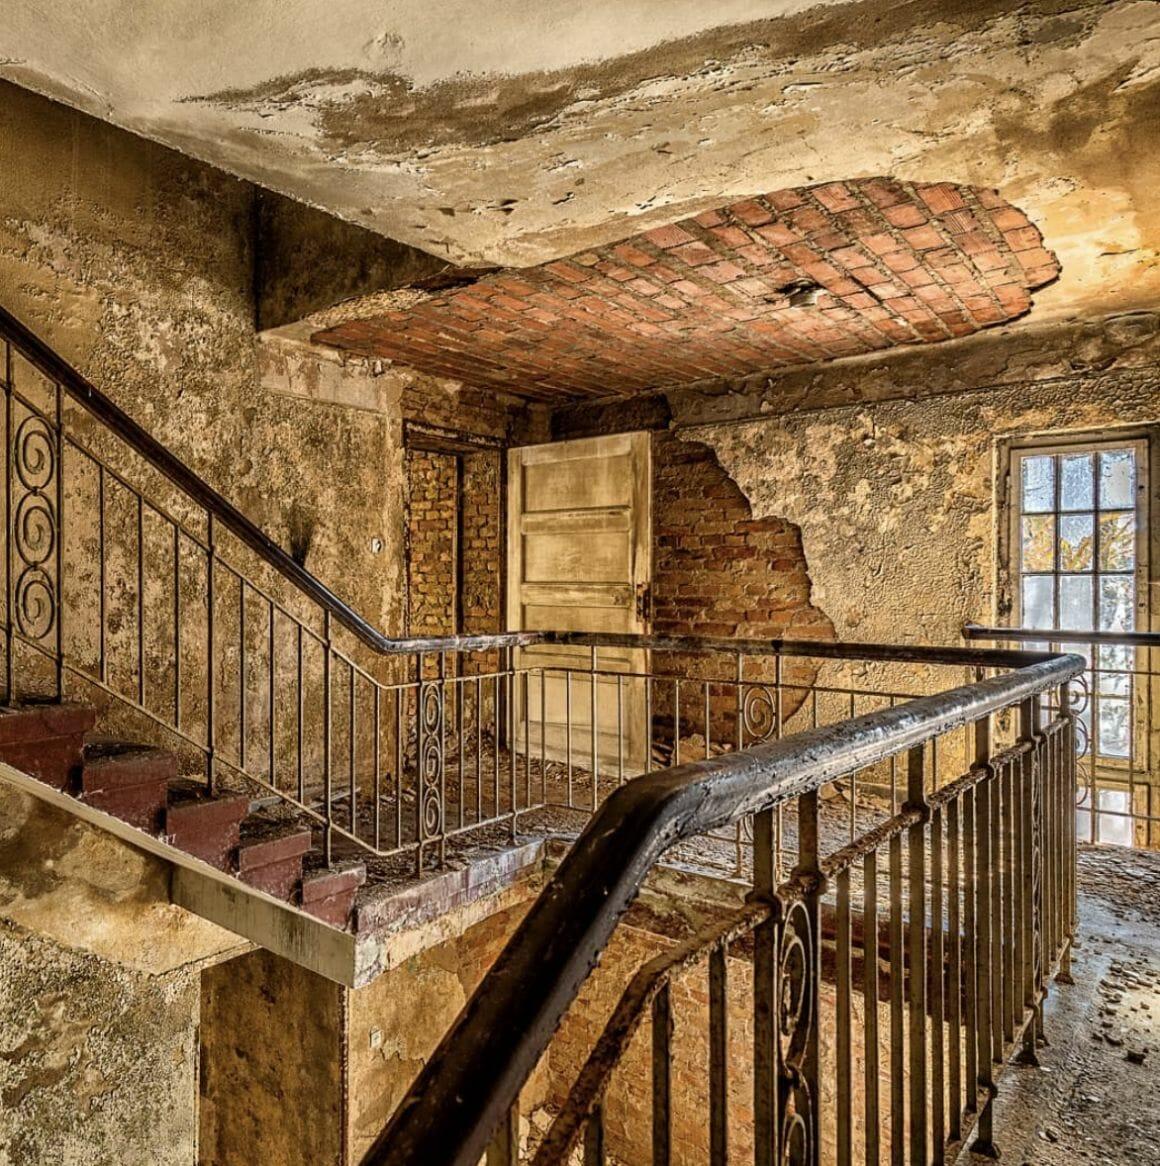 photographie d'un escalier prise par revierstrolch